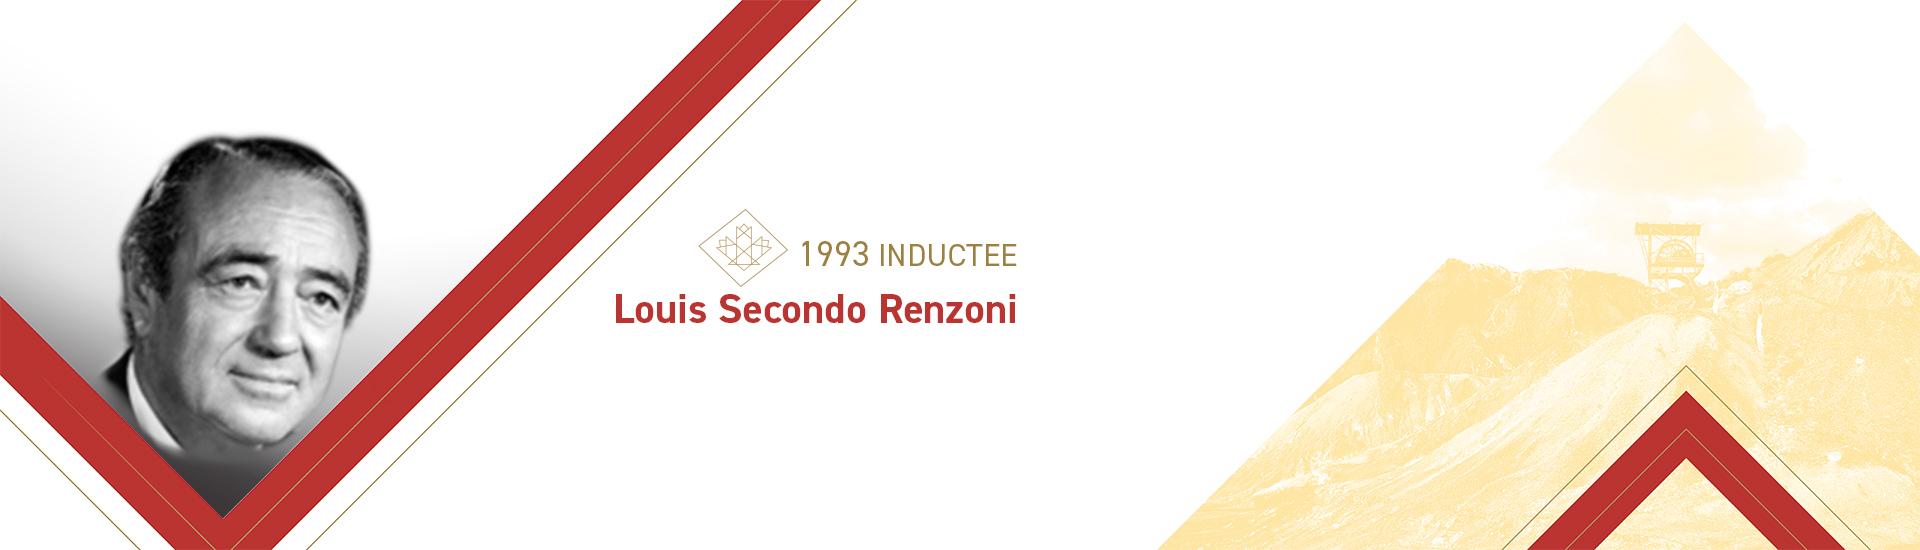 Louis Secondo Renzoni (1913 – 1993)